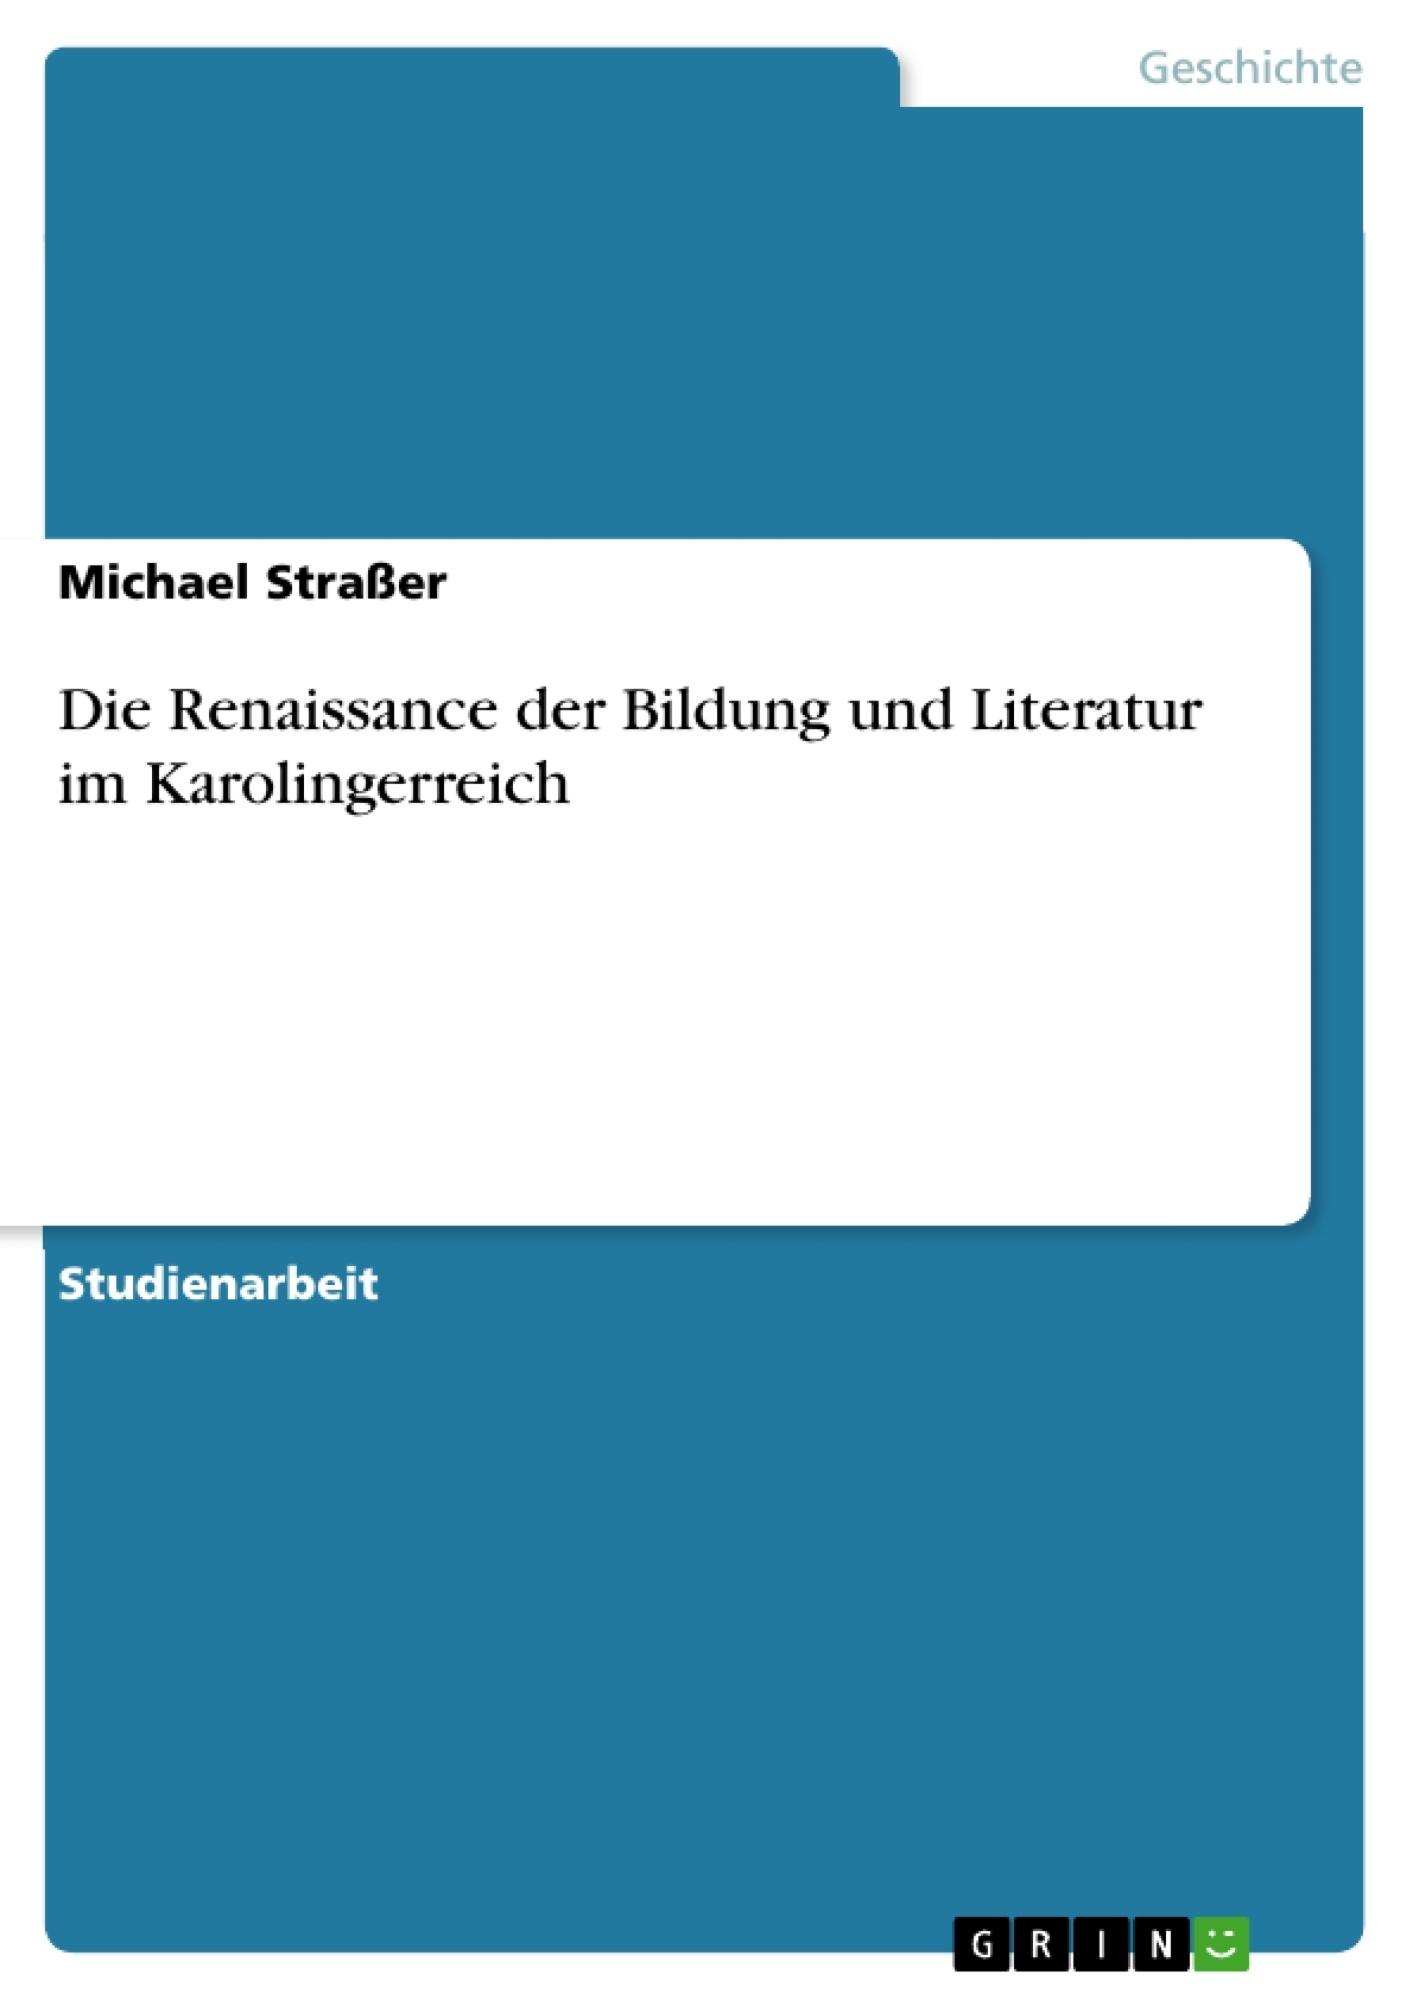 Titel: Die Renaissance der Bildung und Literatur im Karolingerreich